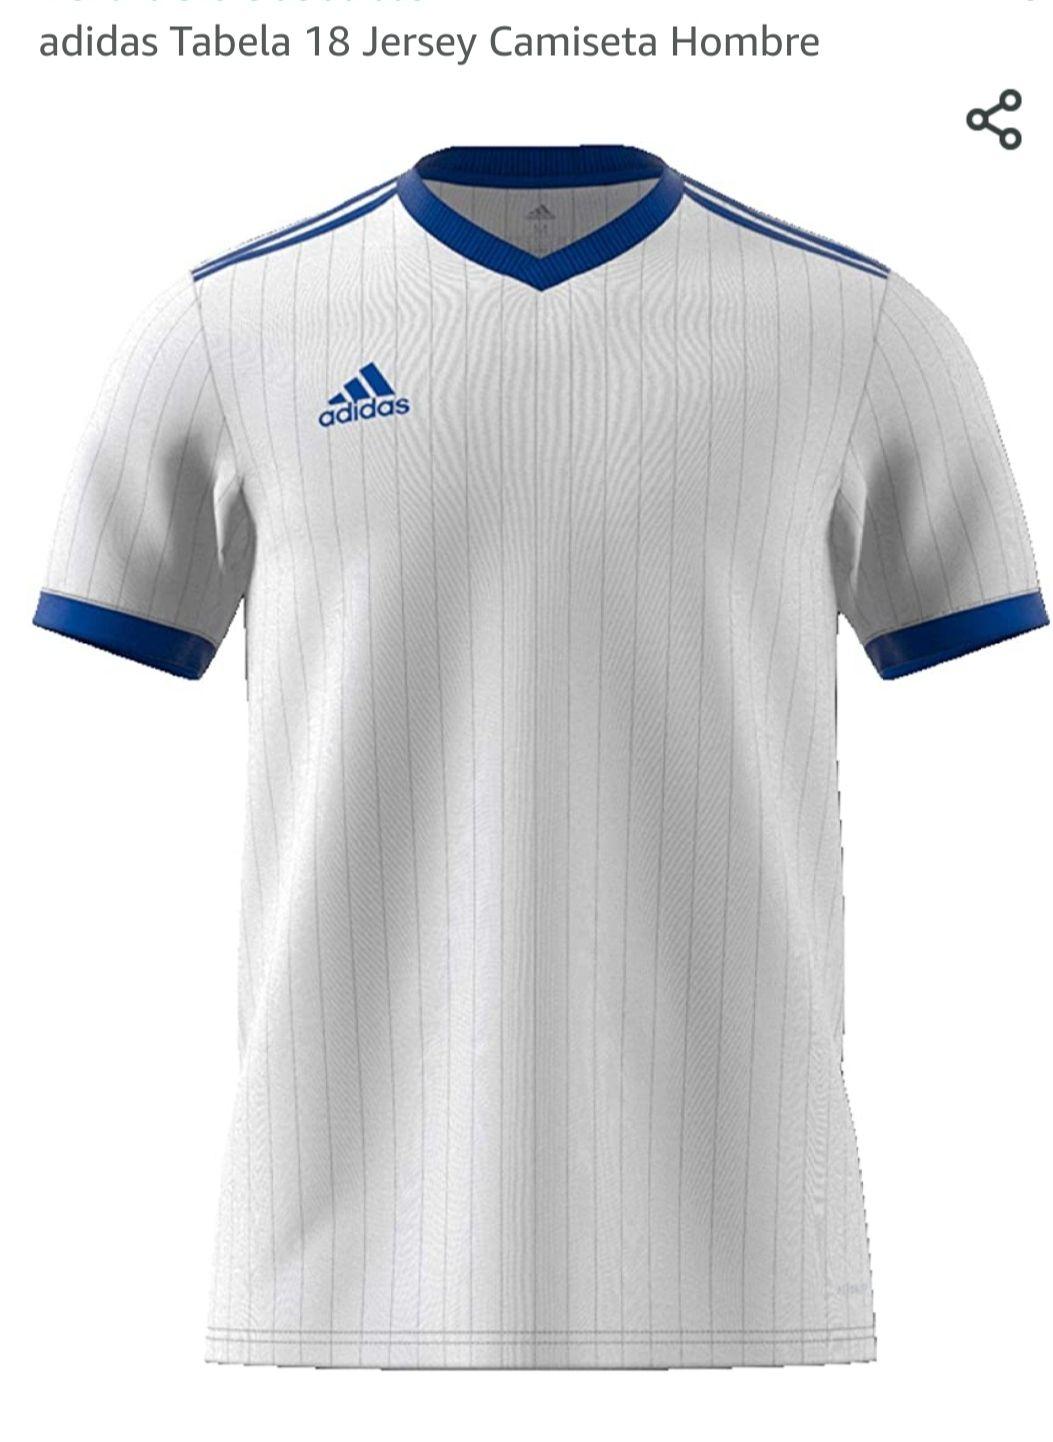 Adidas camiseta hombre (XL y XXL)